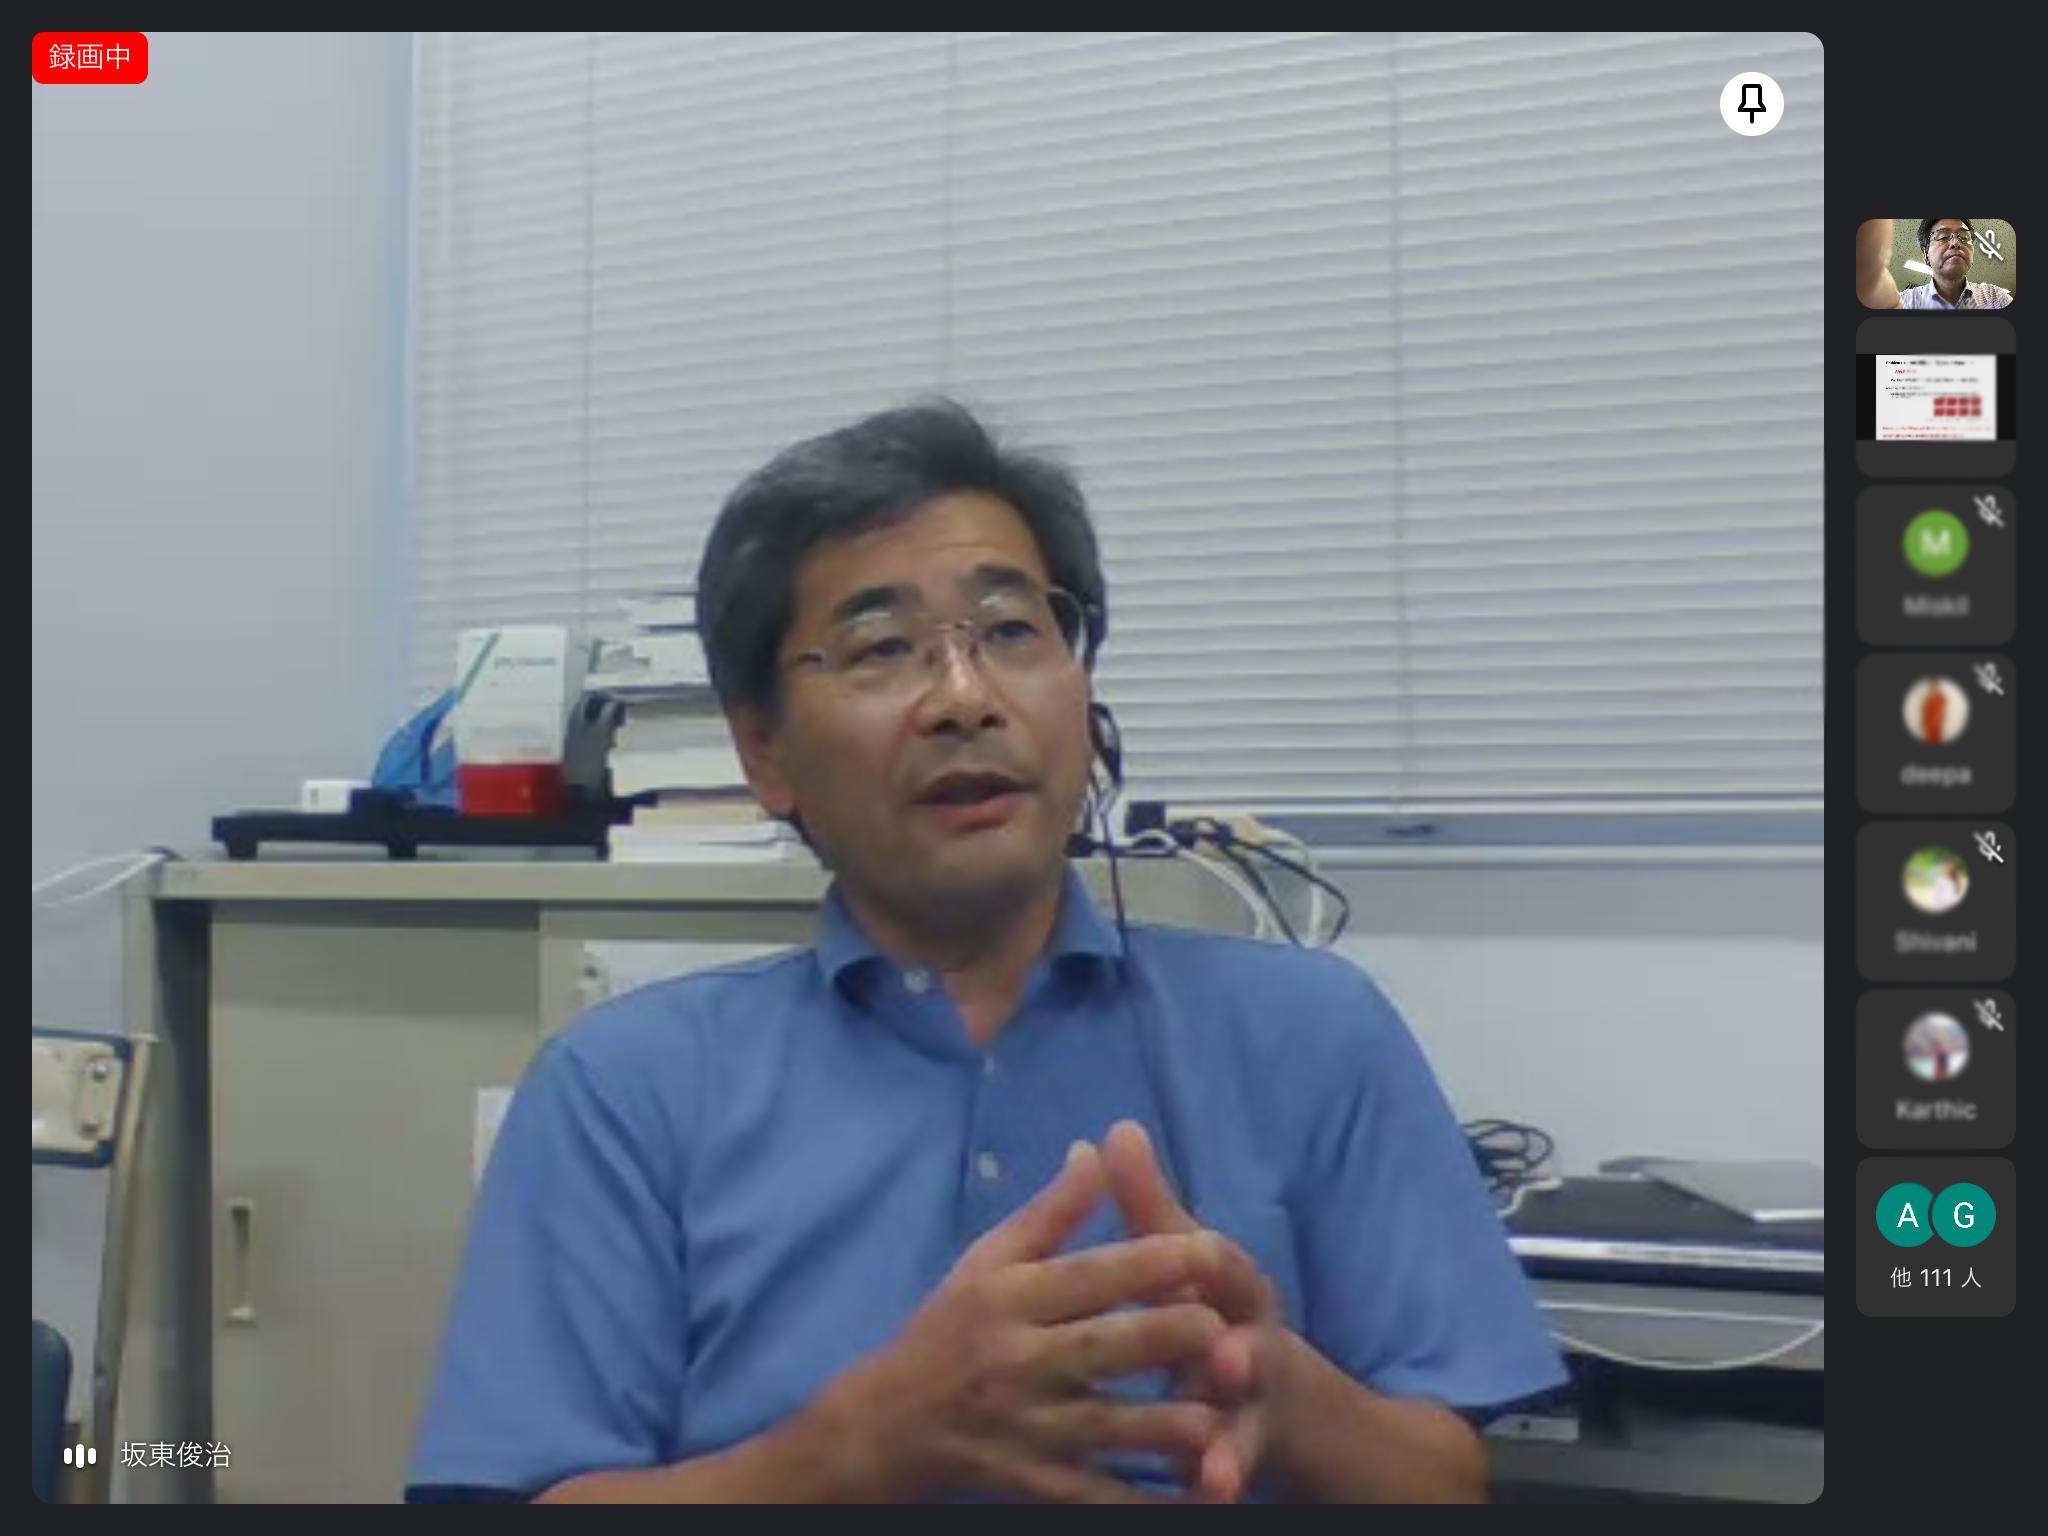 坂東俊治教授